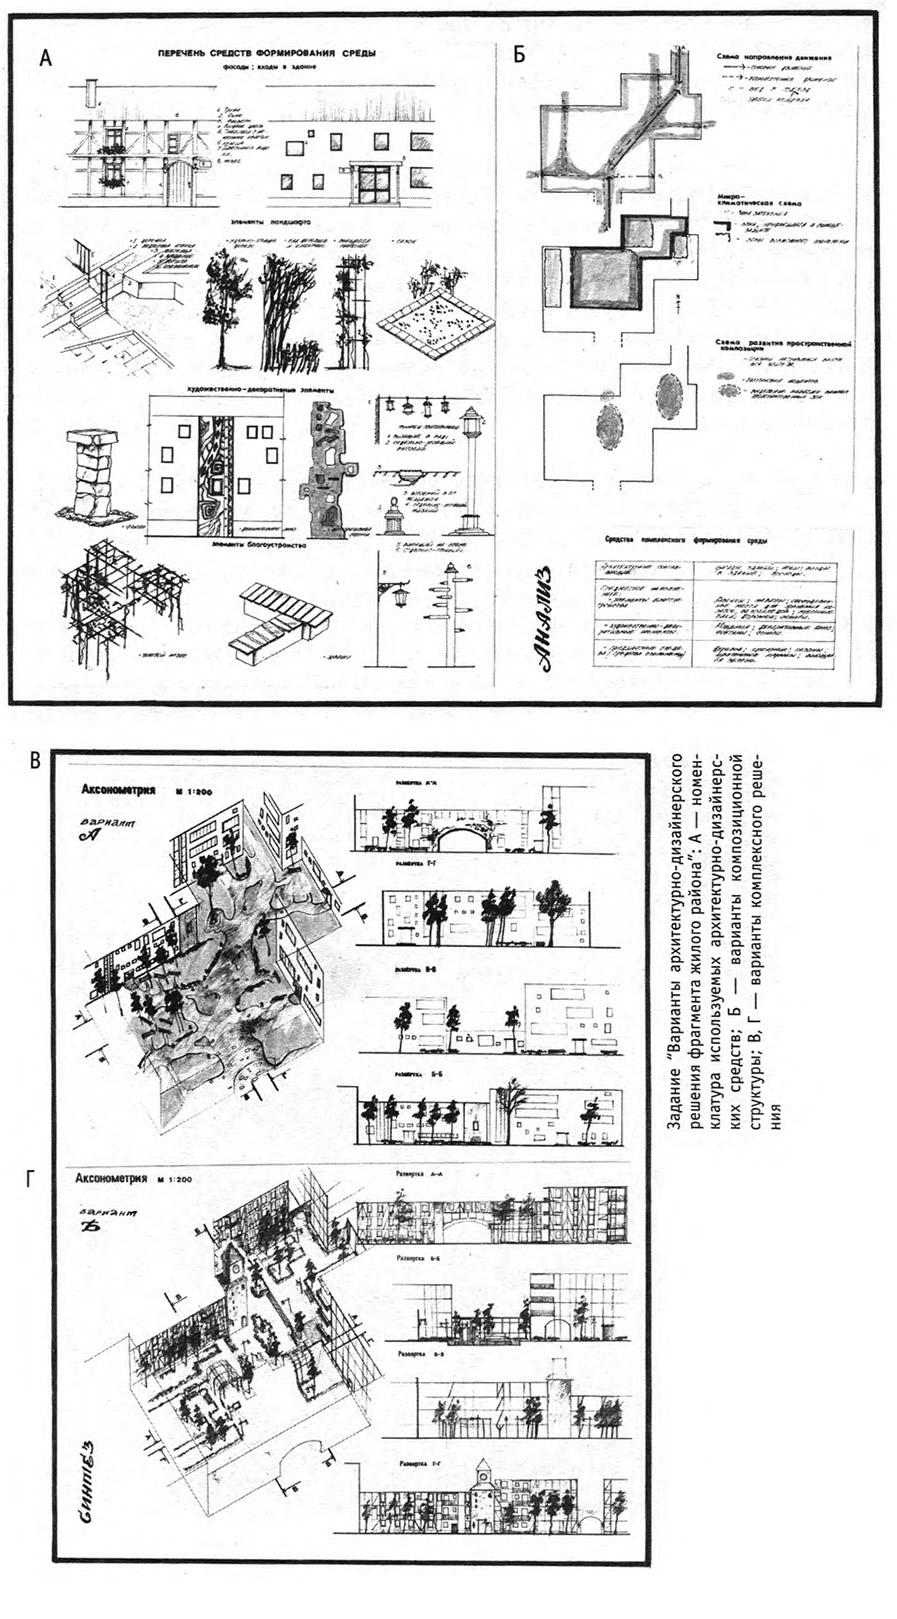 Задание Варианты архитектурно-дизайнерского решения фрагмента жилого района